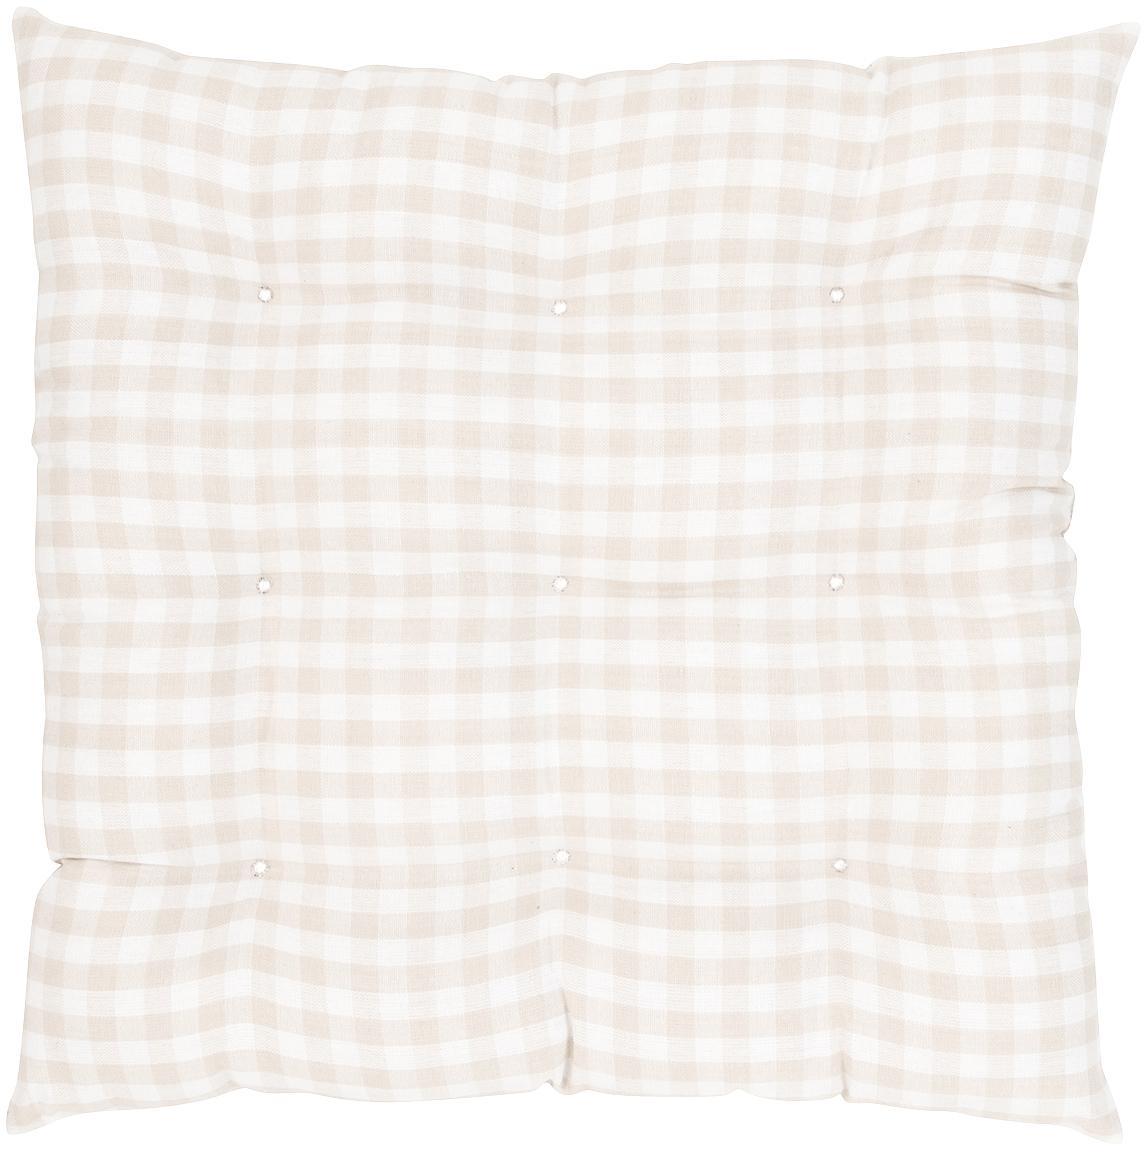 Kariertes Sitzkissen Karolin, Beige, Cremeweiß, 40 x 40 cm